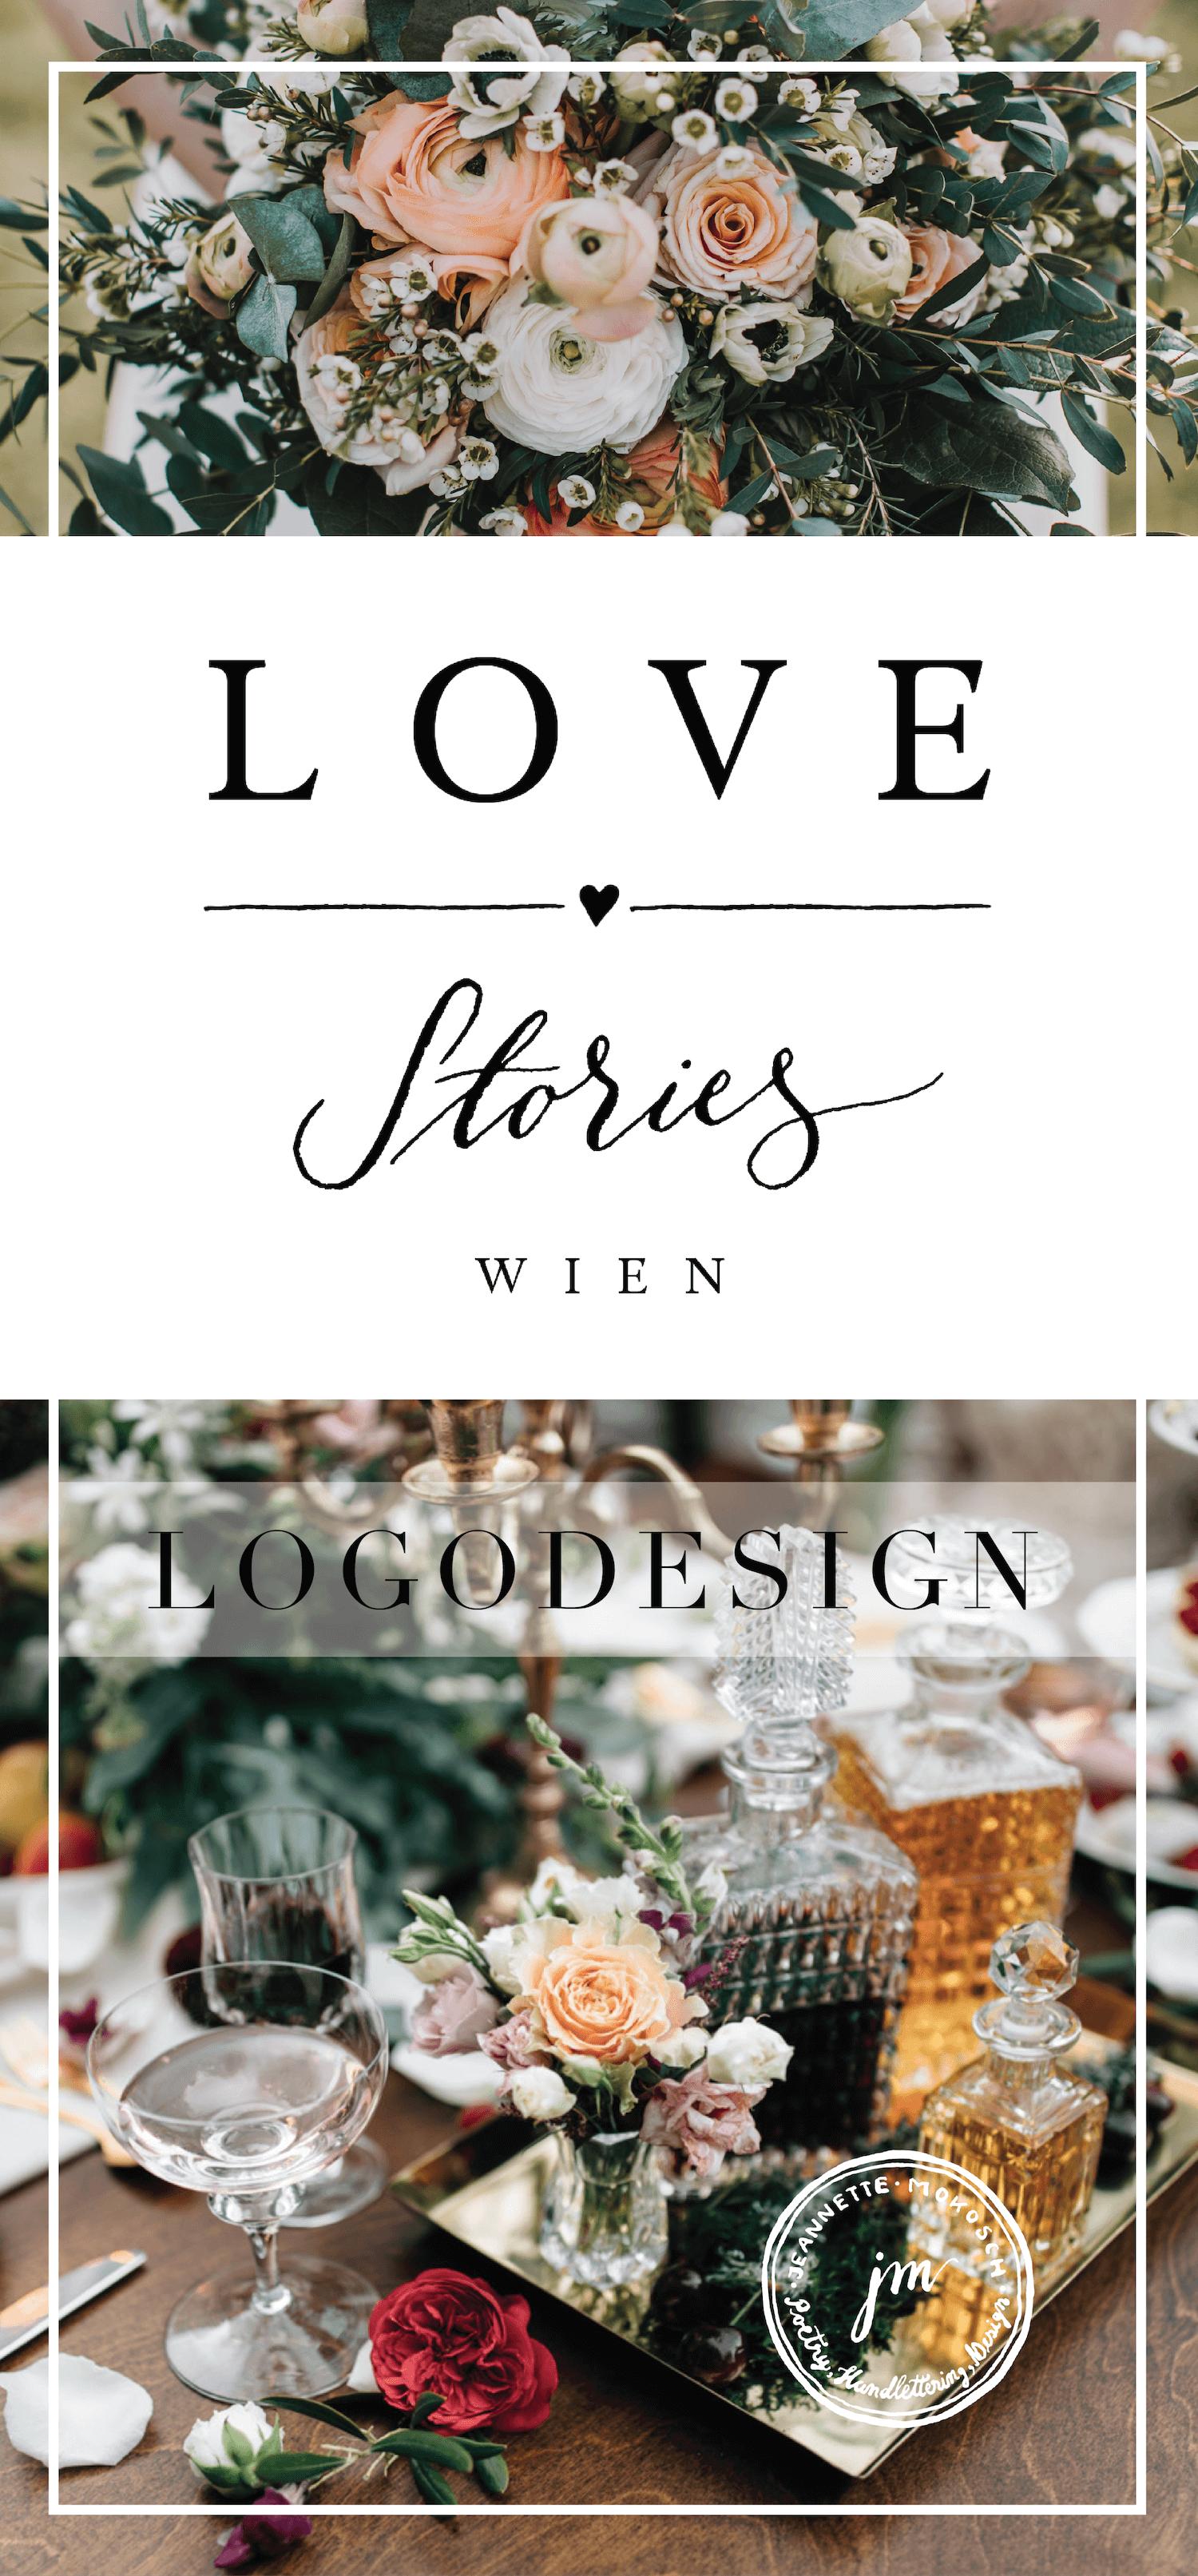 Logo Logodesign Kalligraphie Kalligrafie Hand Lettering Branding Brand Calligraphy Handschrift Brush Lettering